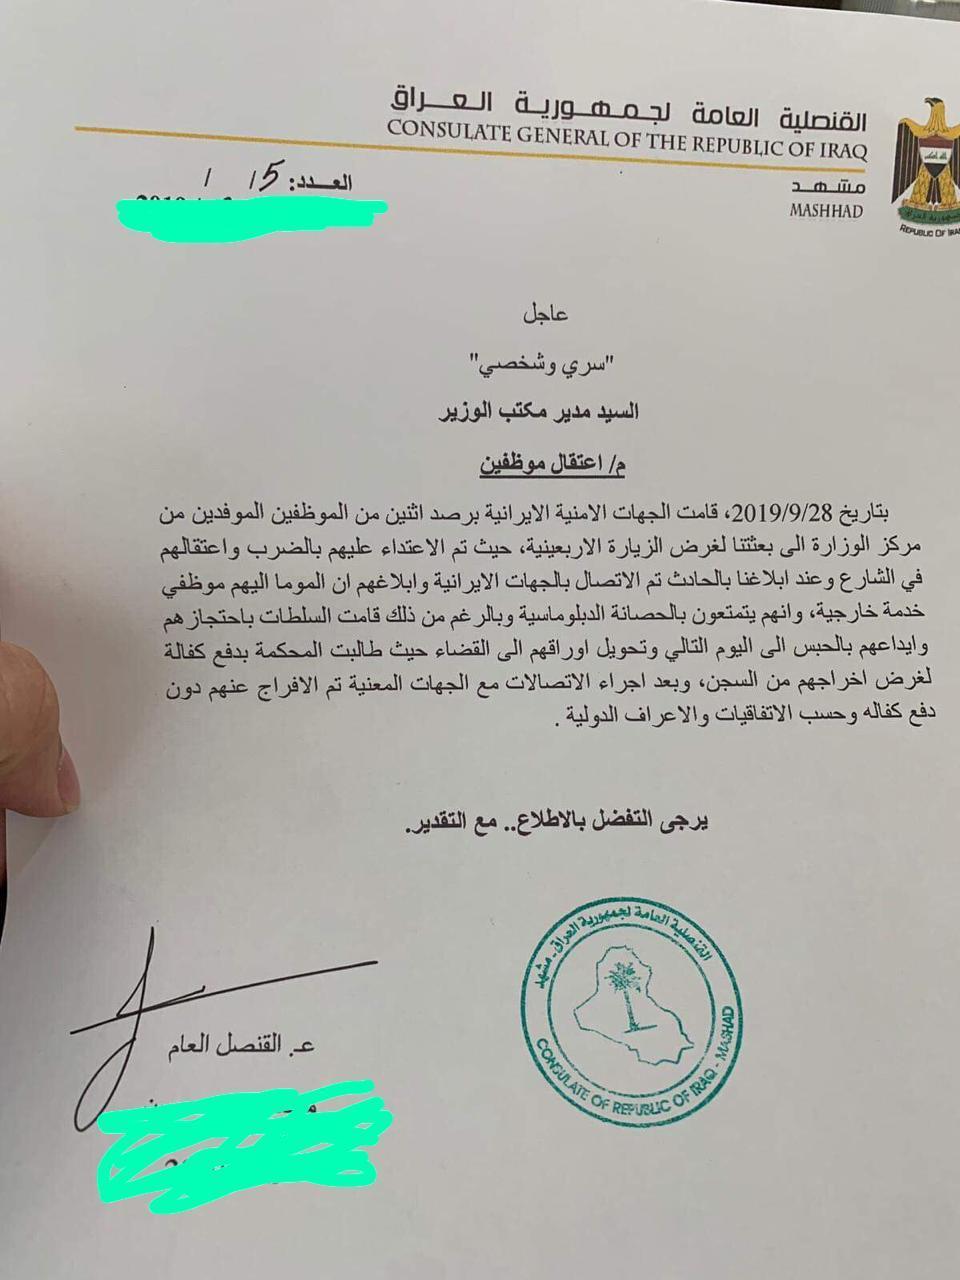 صورة للوثيقة التي قالت إنها صدرت من القنصلية العراقية في مشهد.